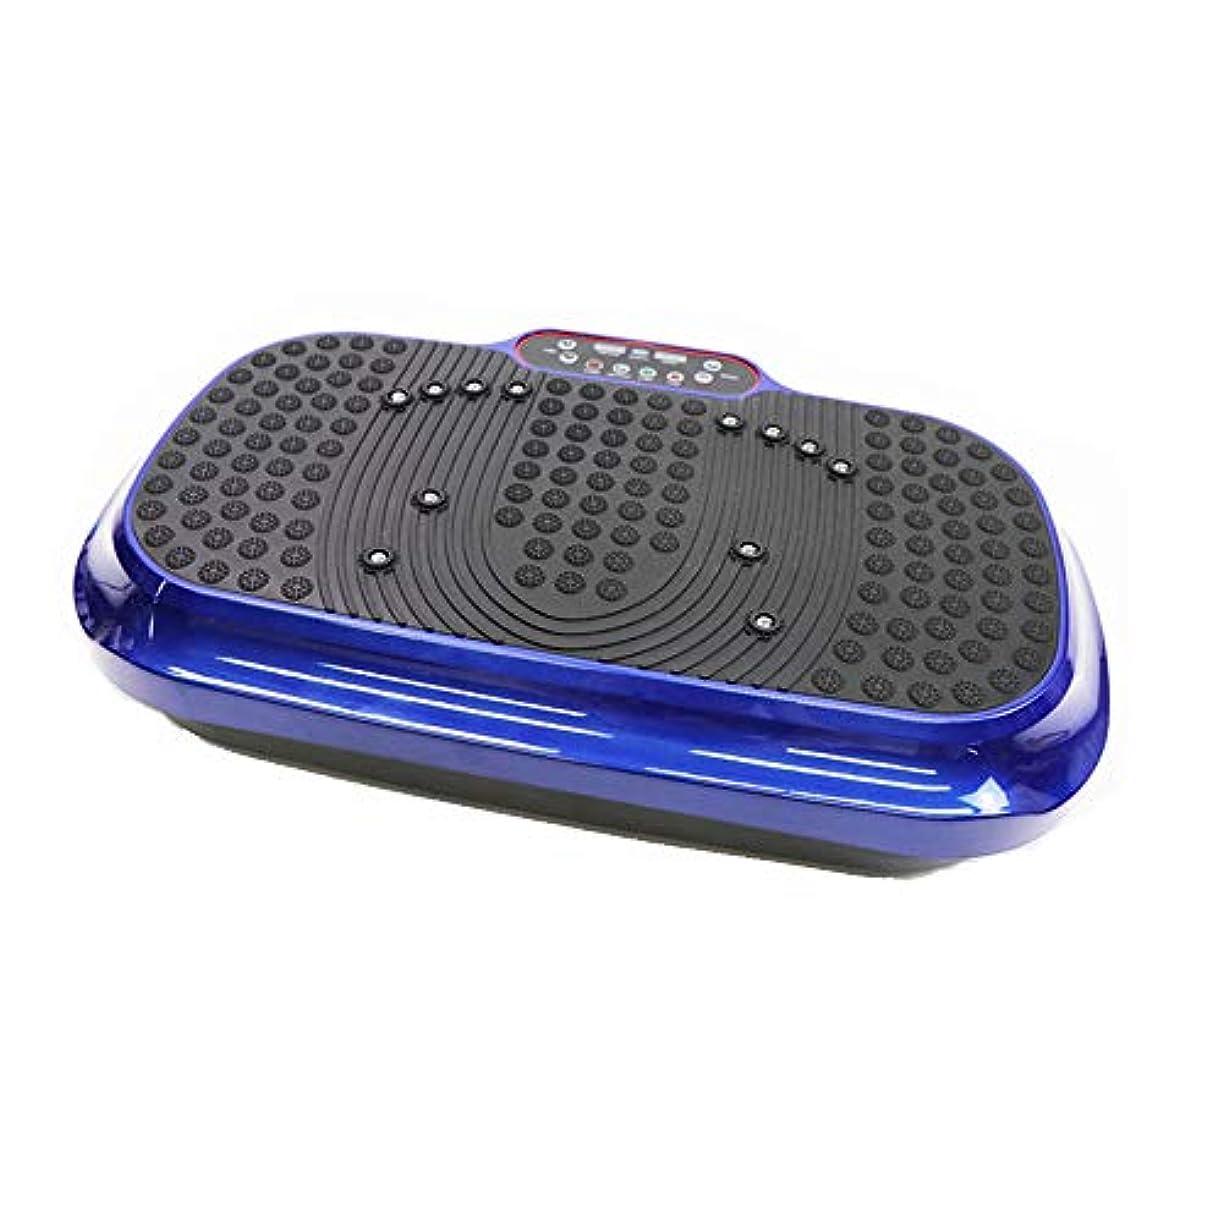 失効相対サイズピンポイント振動フィットネス PRD1709021